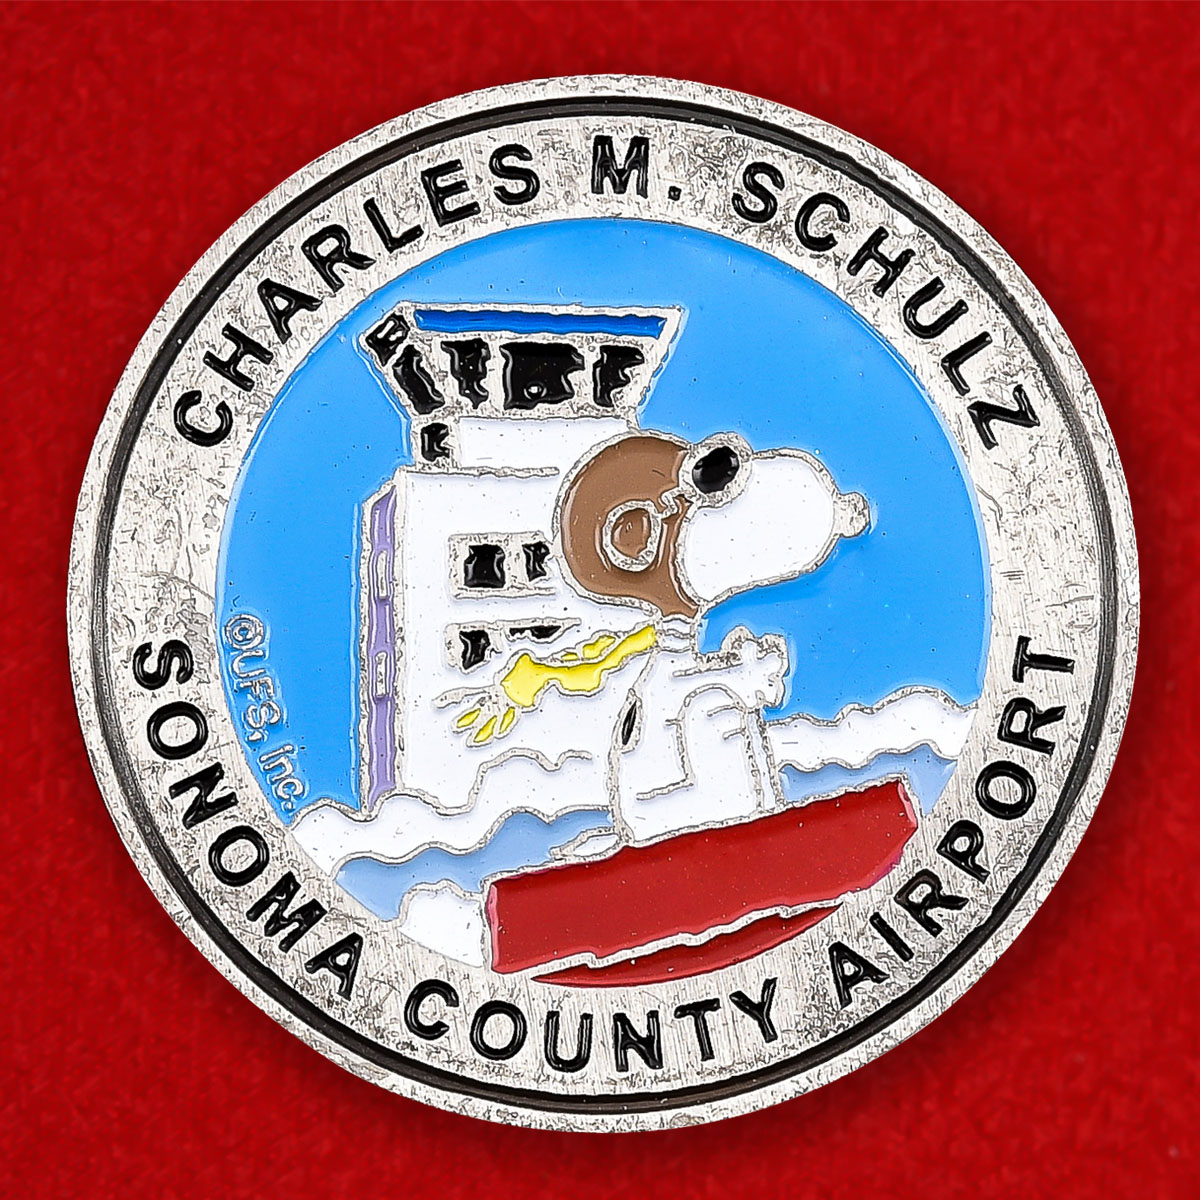 """Монета США """"Аэропорт  имени Чарльза М. Шульца, округ Сонома, Калифорния"""""""